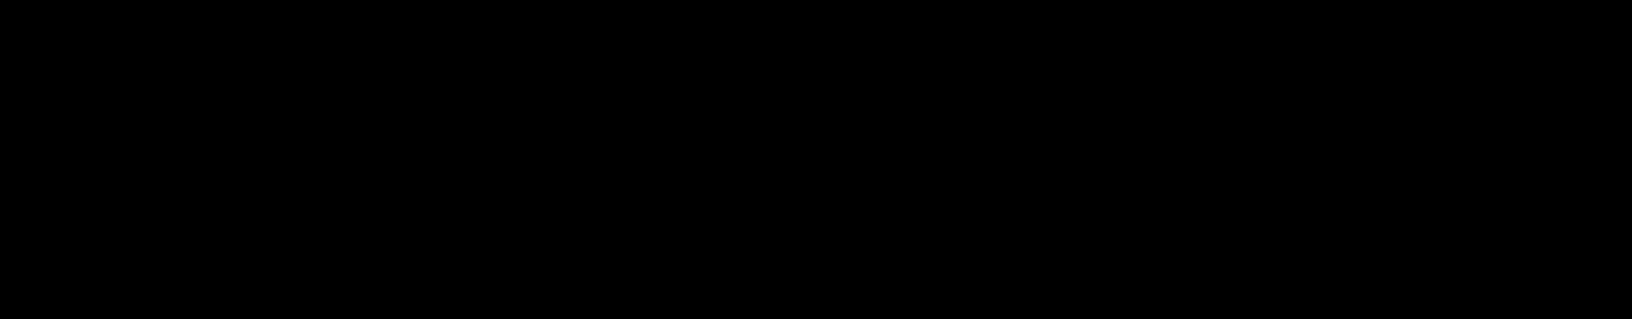 55081945_primelending_logo_bw.png